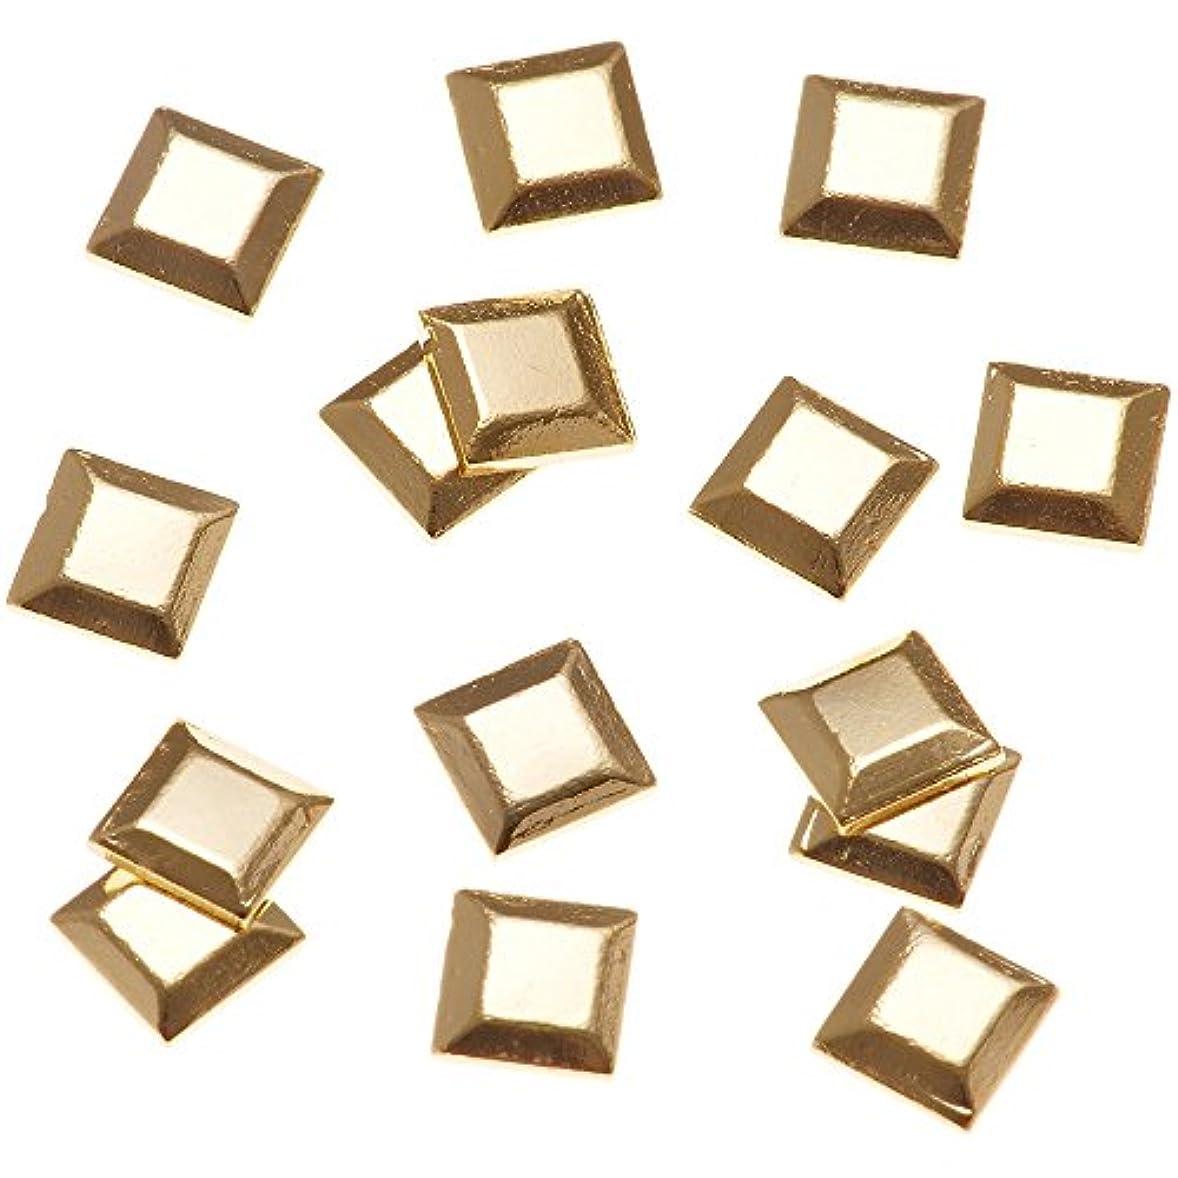 アッティカス包括的洗うリトルプリティー ネイルアートパーツ スタッズスクエア ゴールド 50個